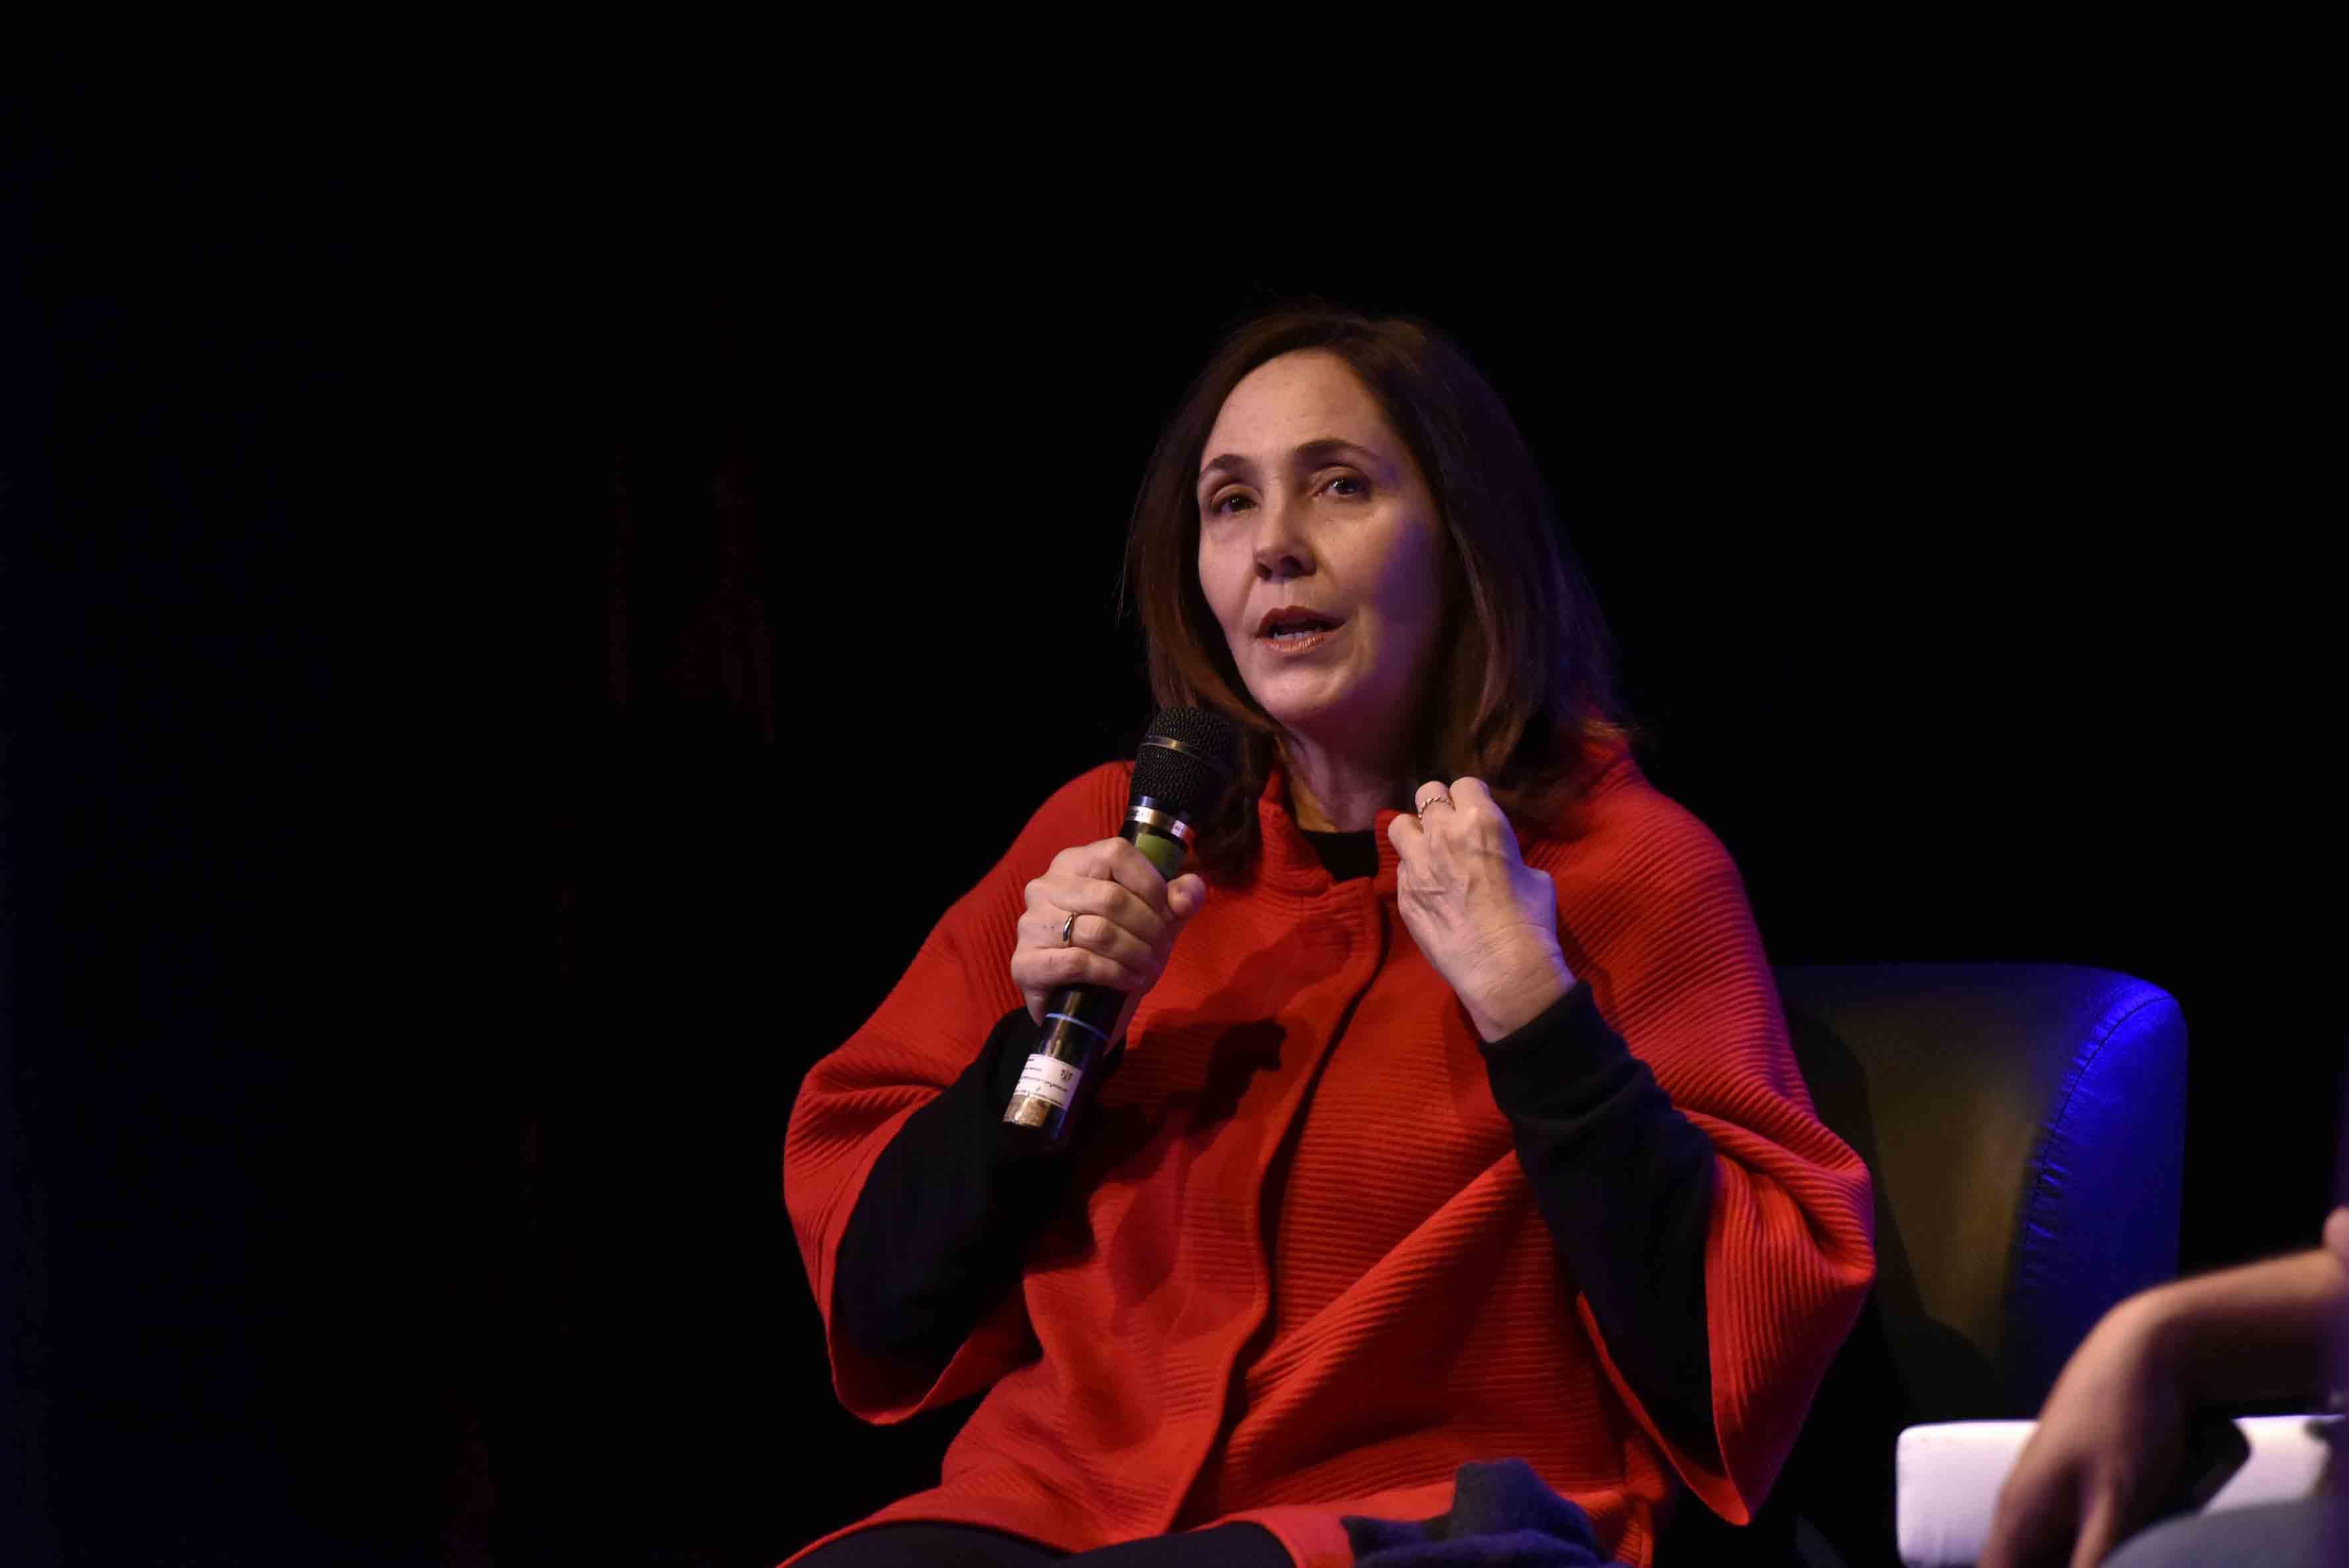 Mariela Castro Espín, cubana política y sexóloga, con micrófono en mano, haciendo uso de la voz.